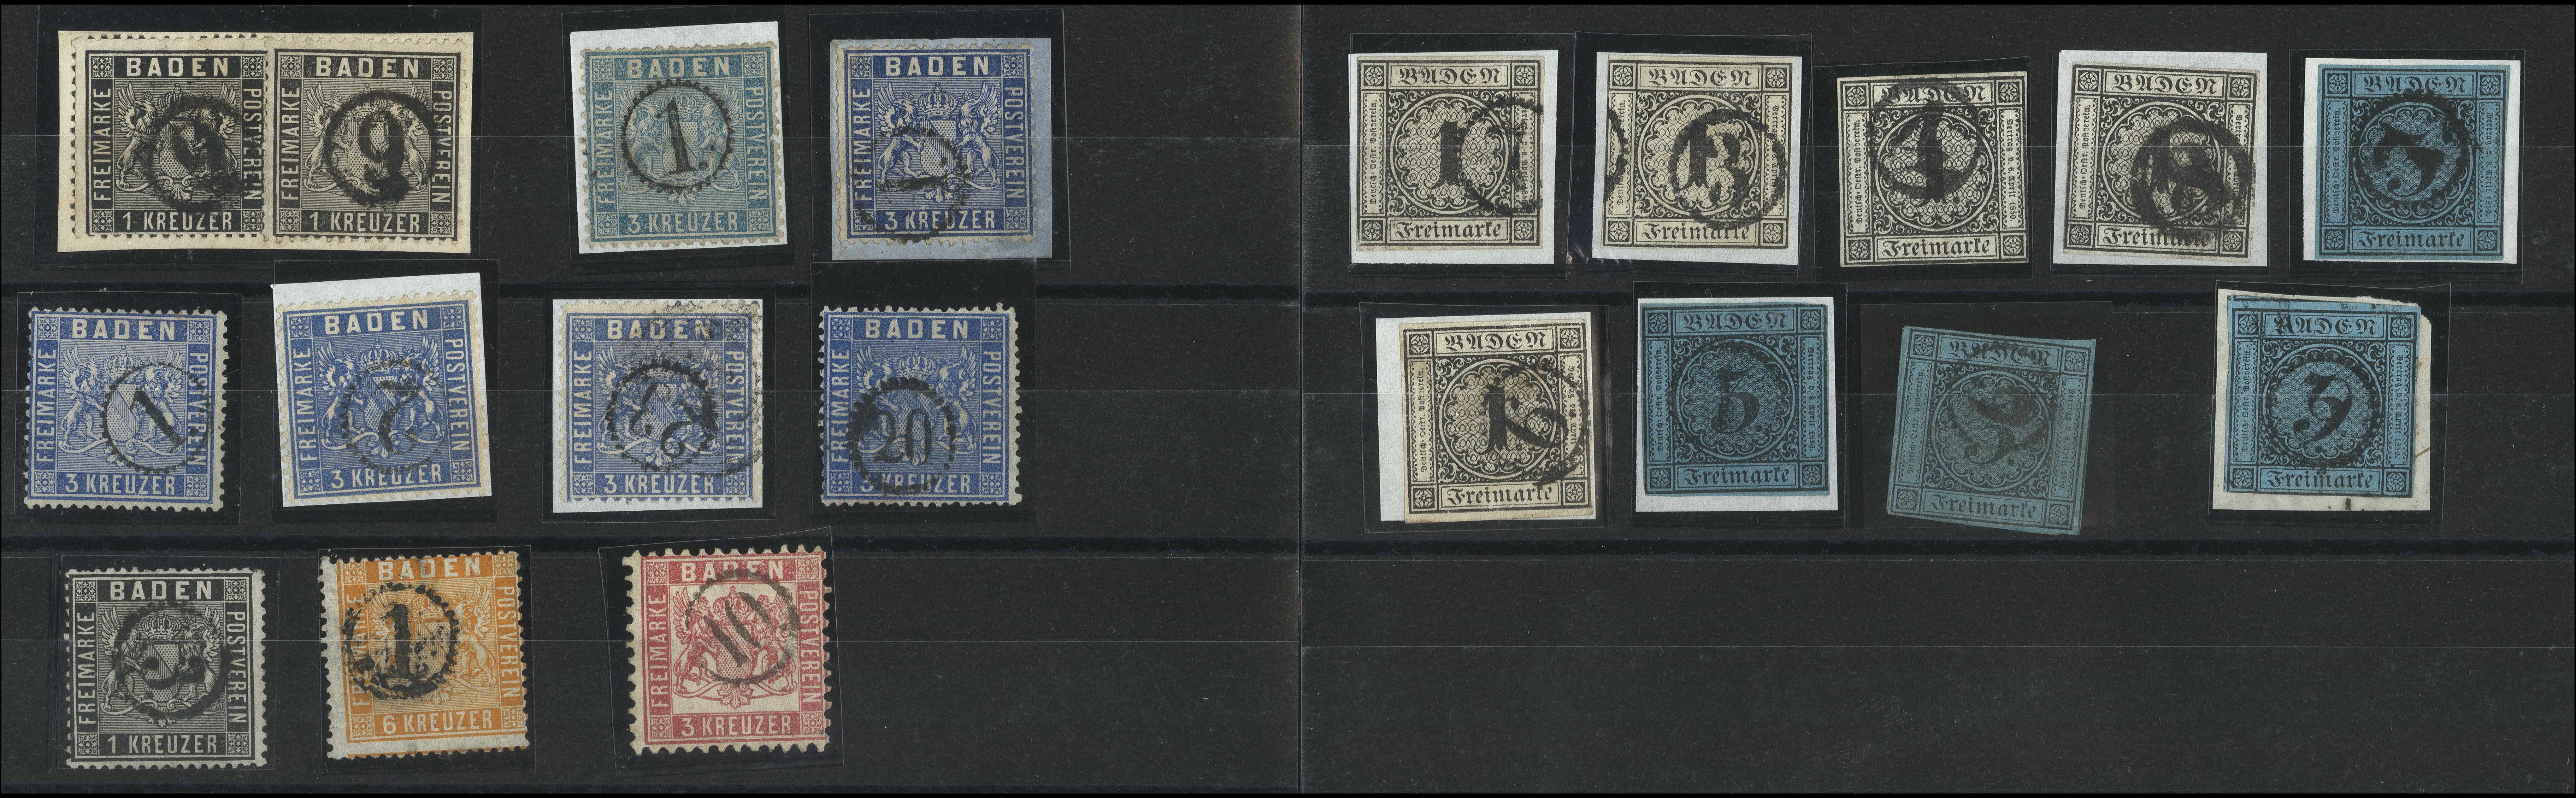 Lot 10516 - german states Baden -  Heinrich Koehler Auktionen Heinrich Köhler Auction 376 - Day 3